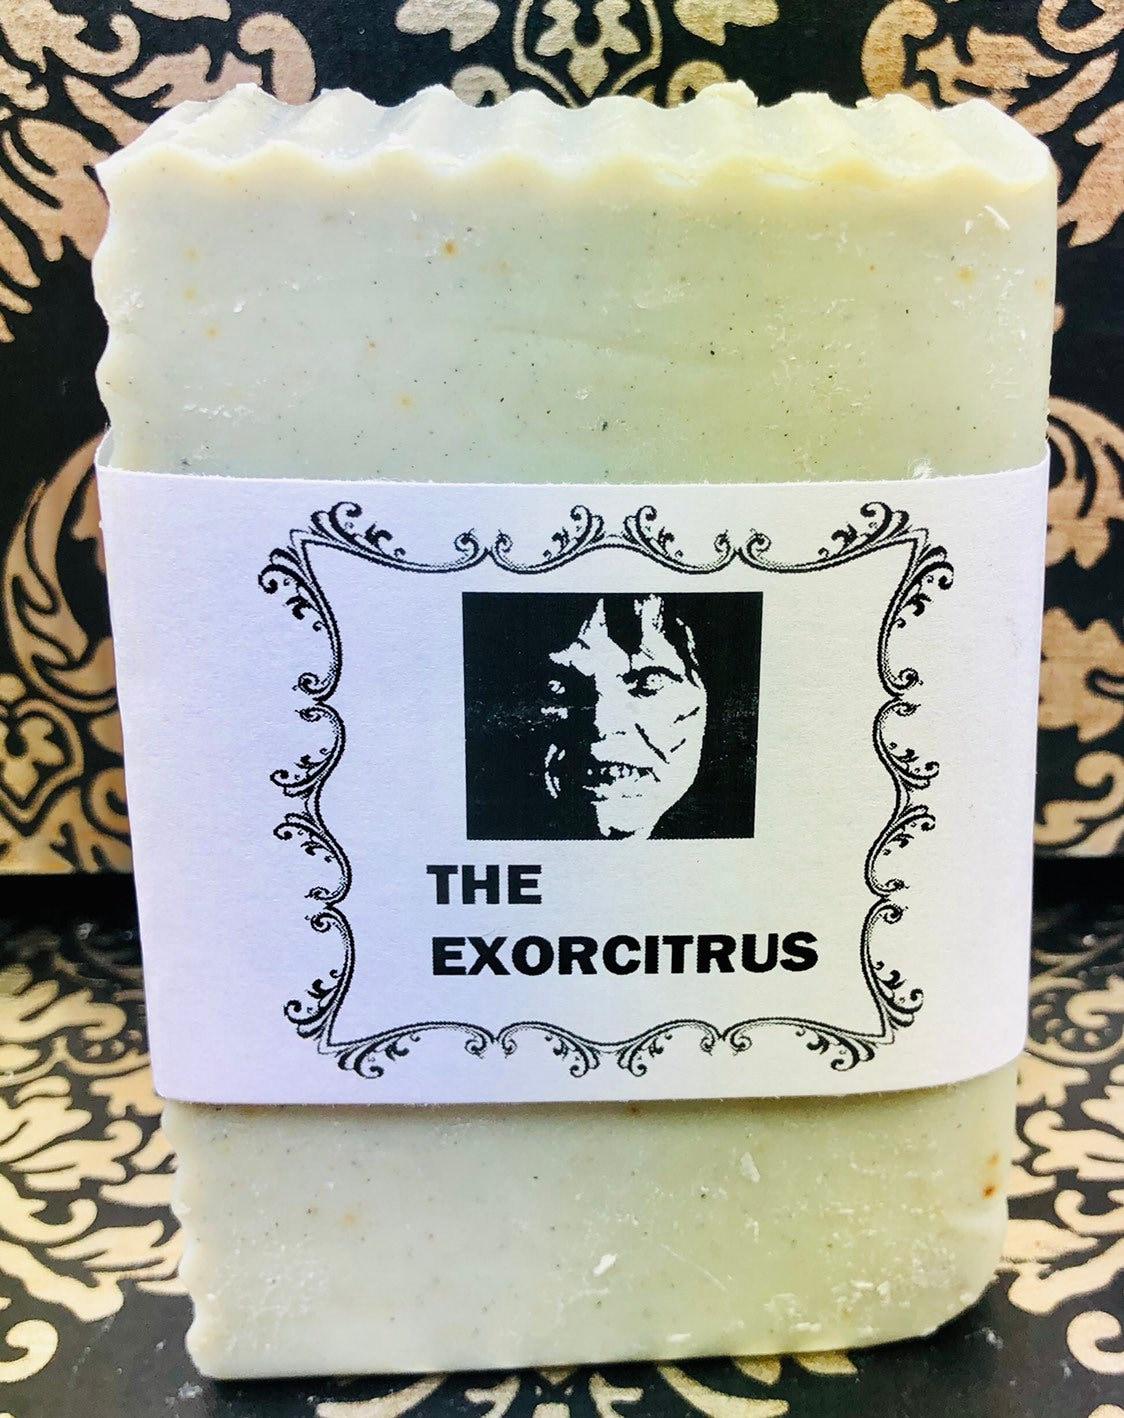 Natural Soap, The Exorcitrus, Handmade, Vegan, Essential Oils, Horror Film,  The Exorcist, Orange, Lemon, Biodegradable